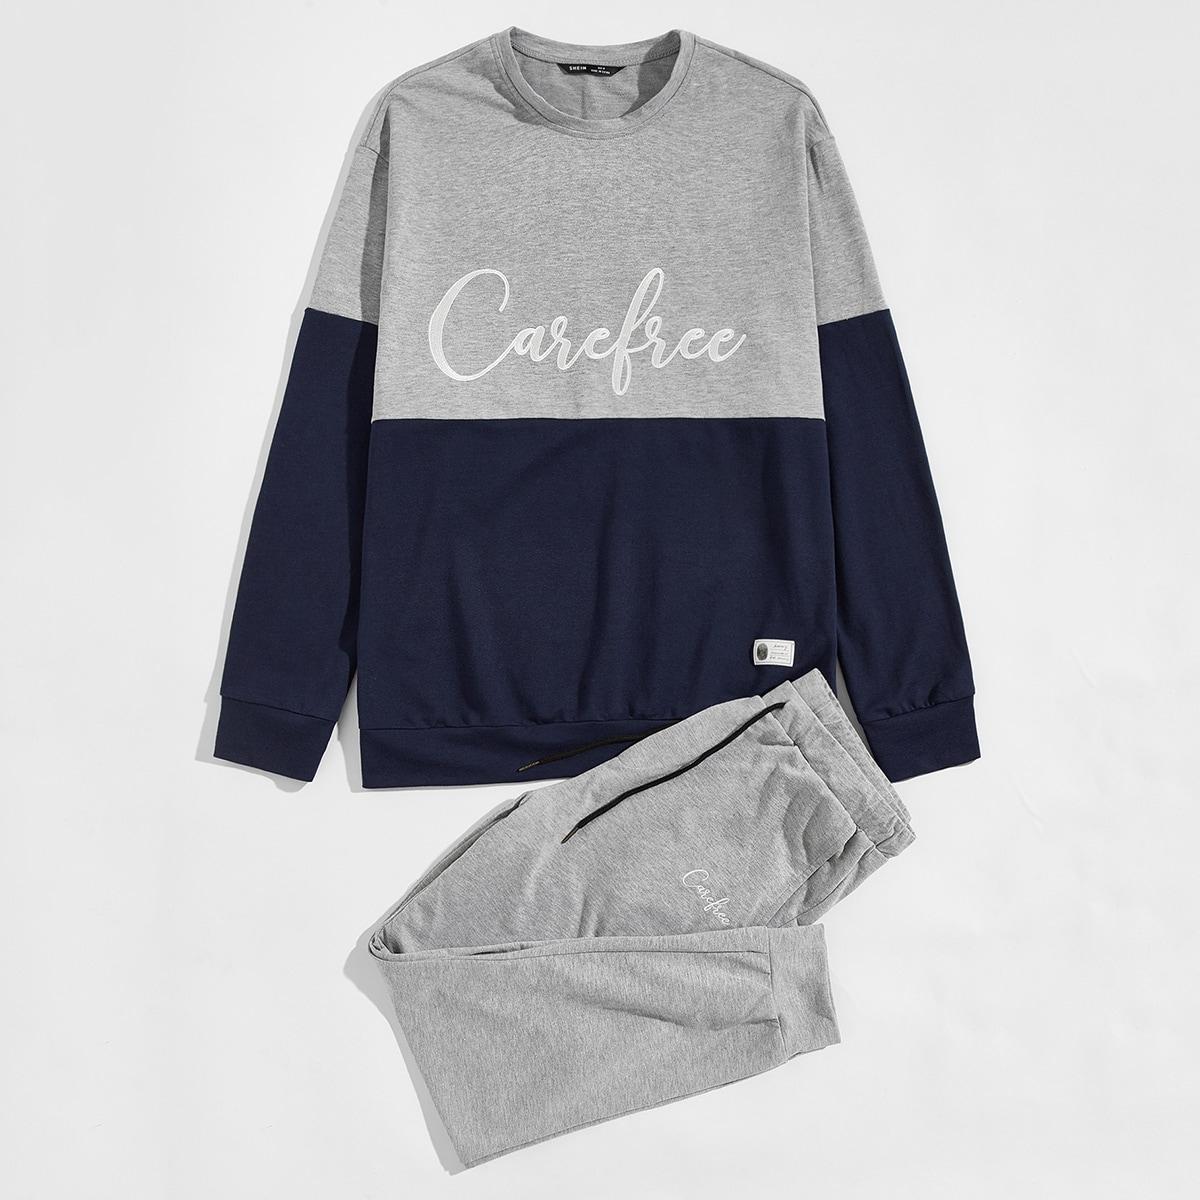 Мужской контрастный пуловер и спортивные брюки с текстовой вышивкой